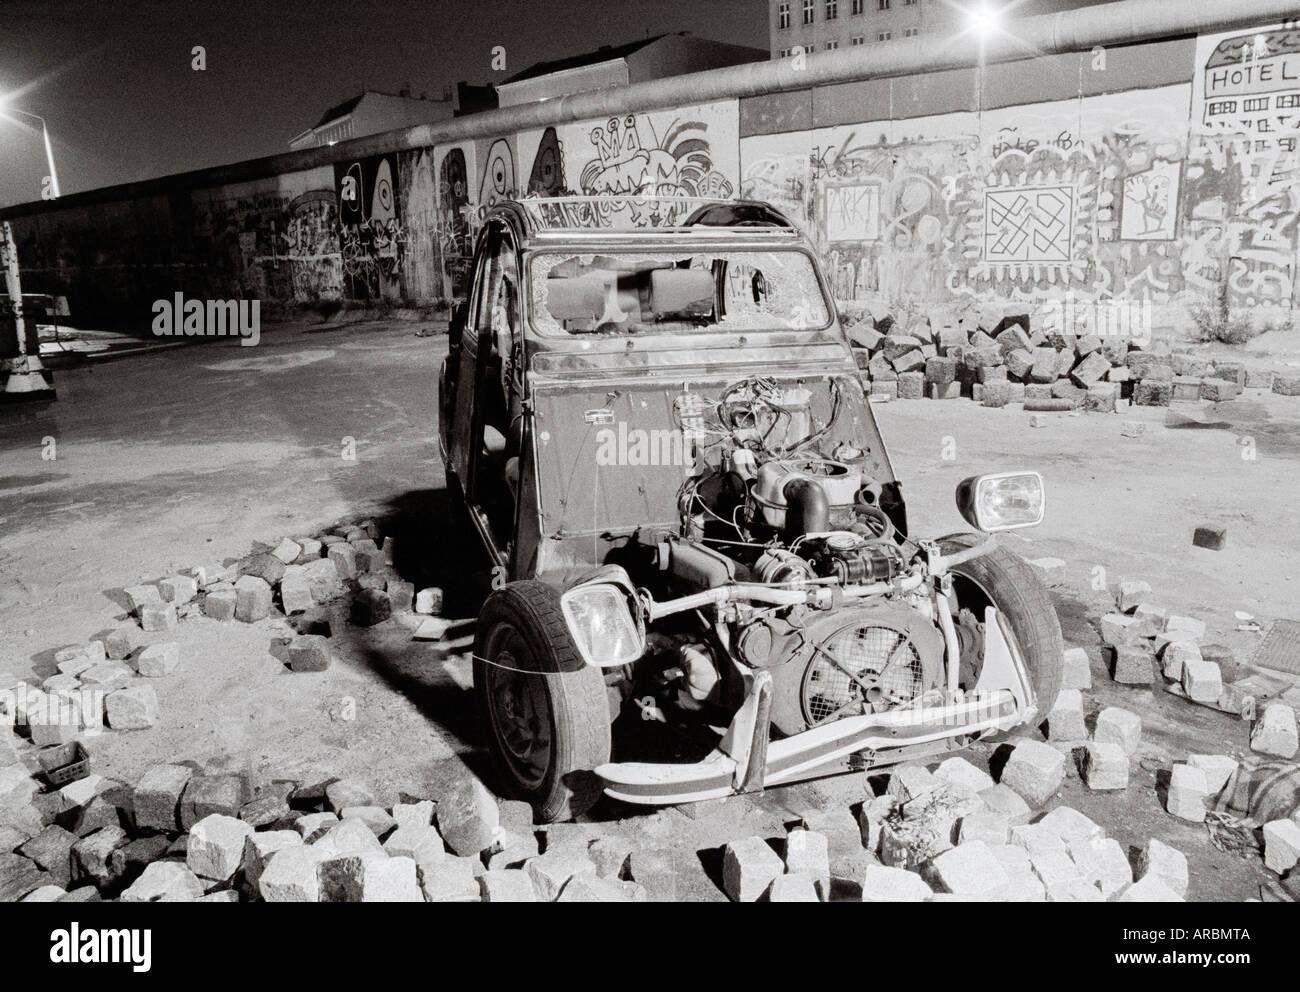 Reportaje fotográfico de la guerra fría noche - un monoplaza en el muro de Berlín Kreuzberg de Berlín Oeste Alemania occidental de Europa. Fotoperiodismo documental Imagen De Stock